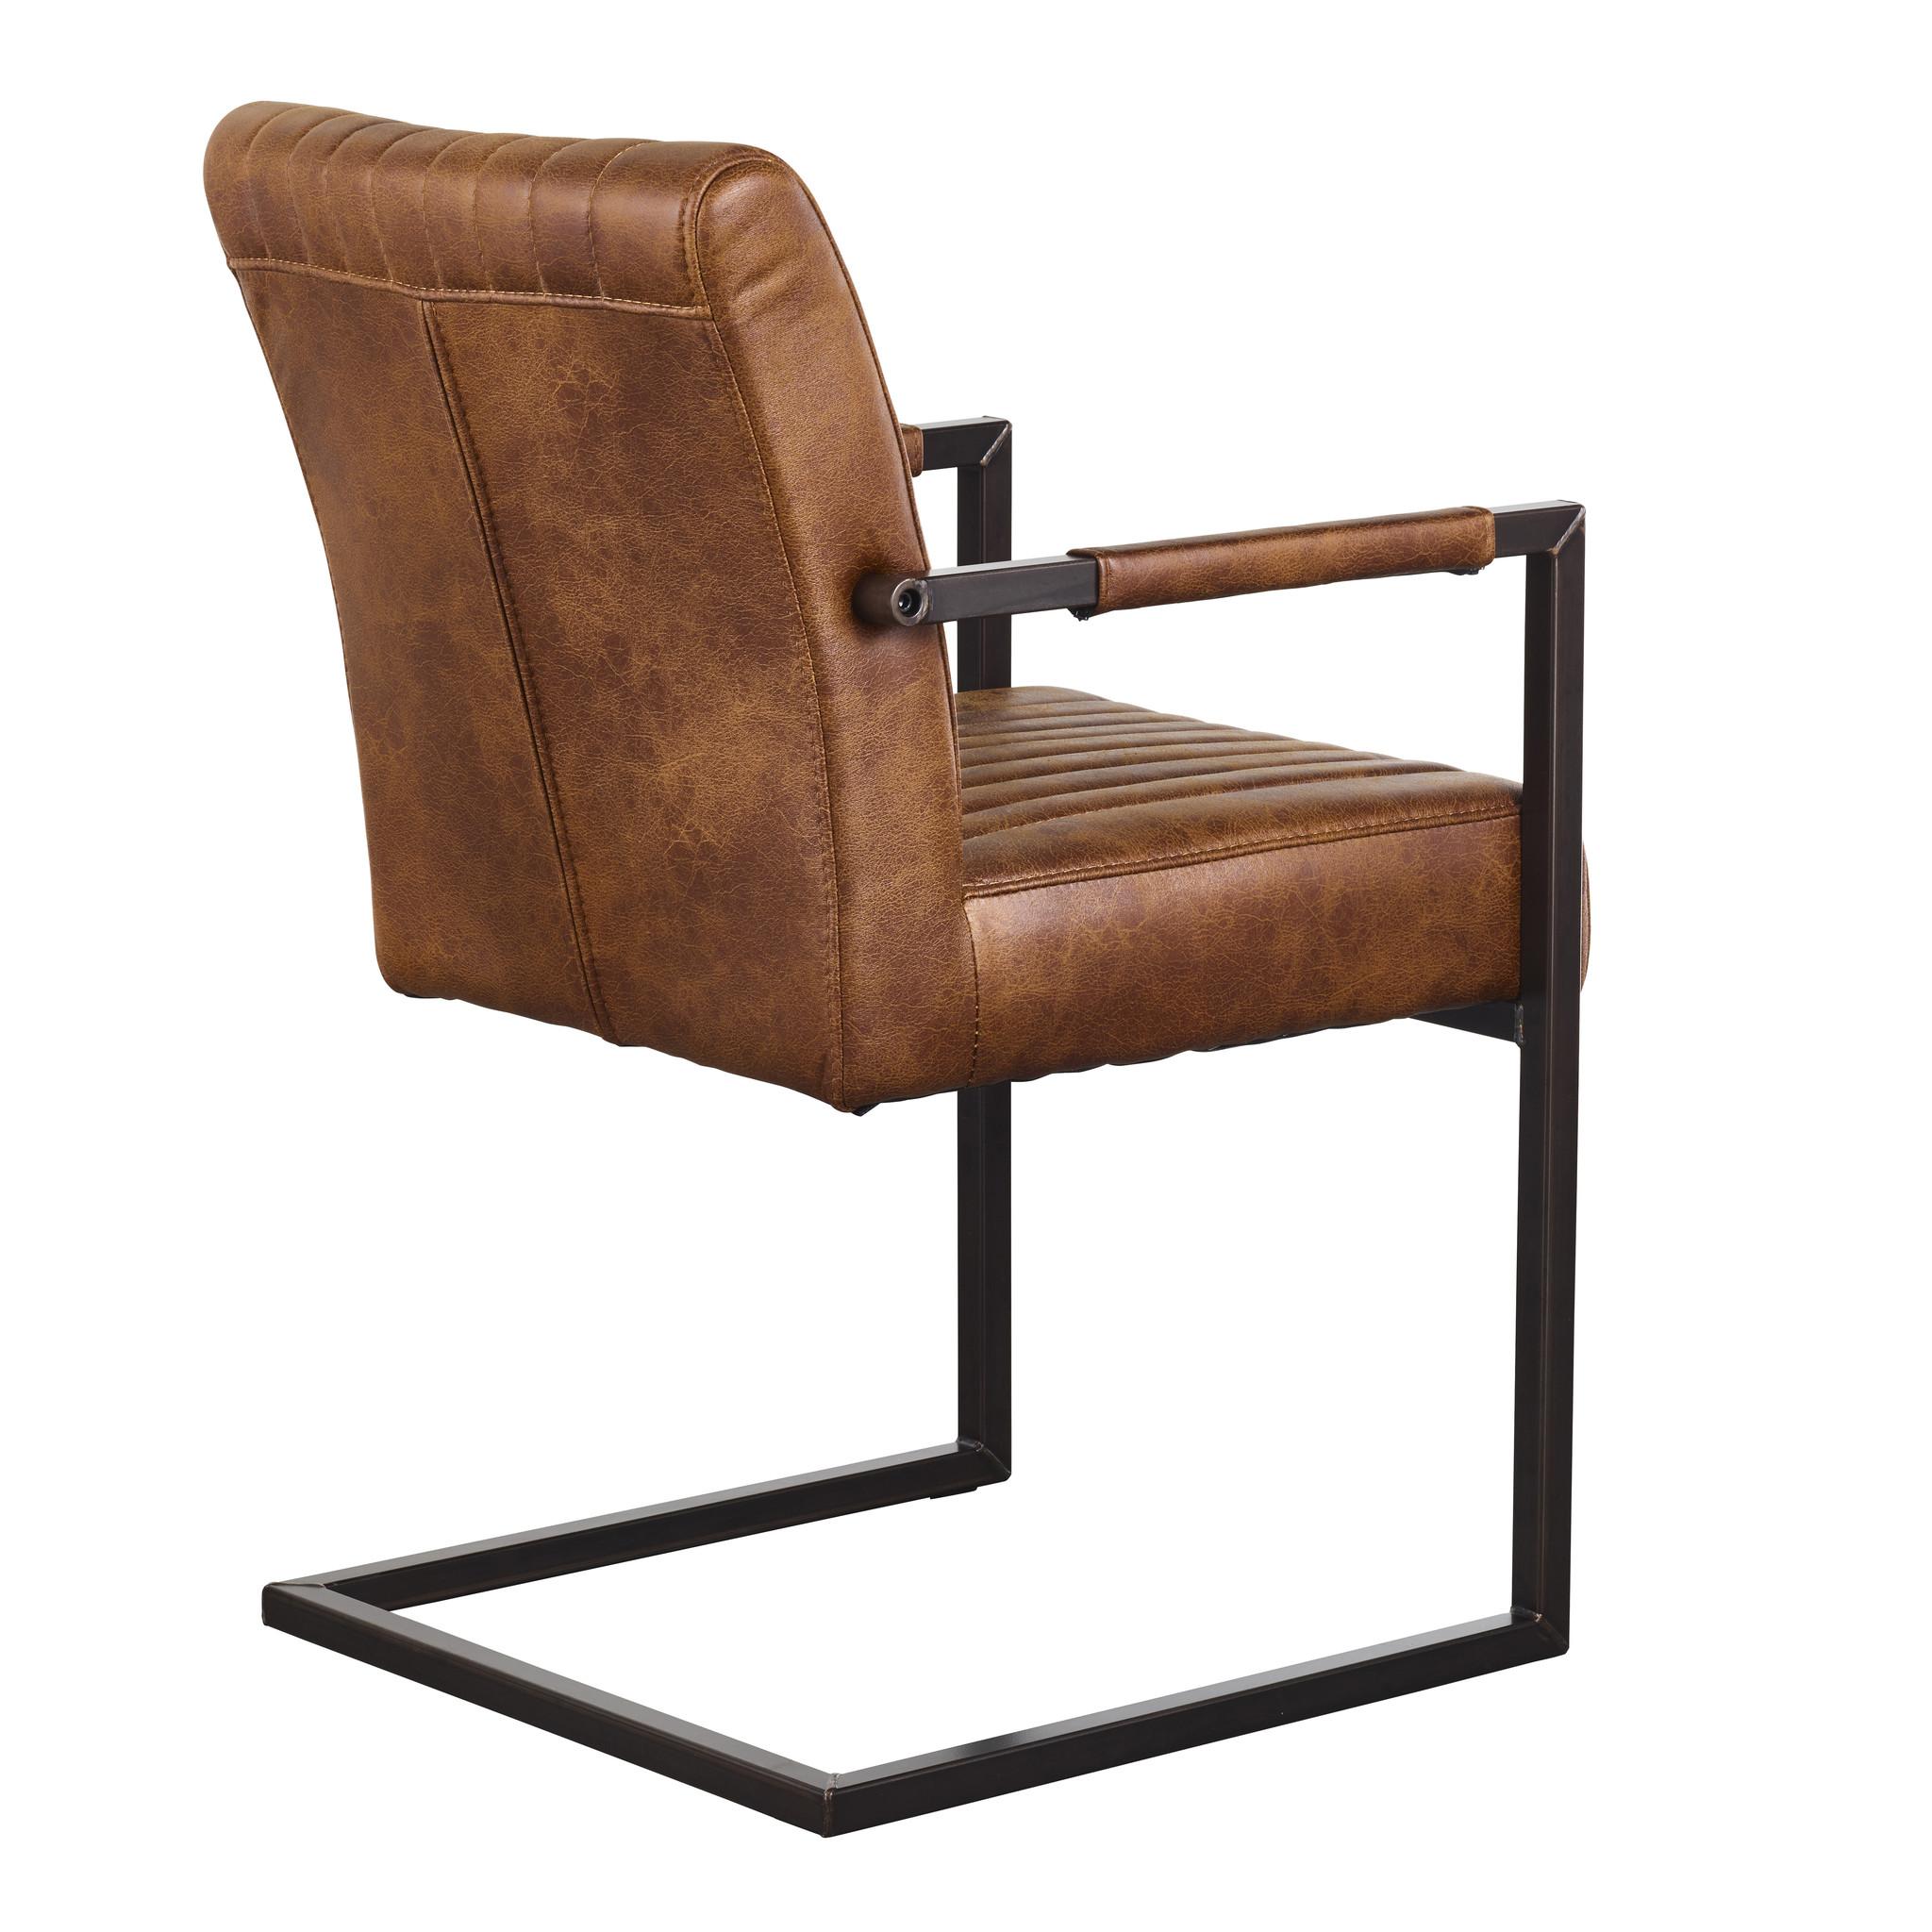 Eetkamerstoel Eetkamerstoel - Ferro armchair - dark brown